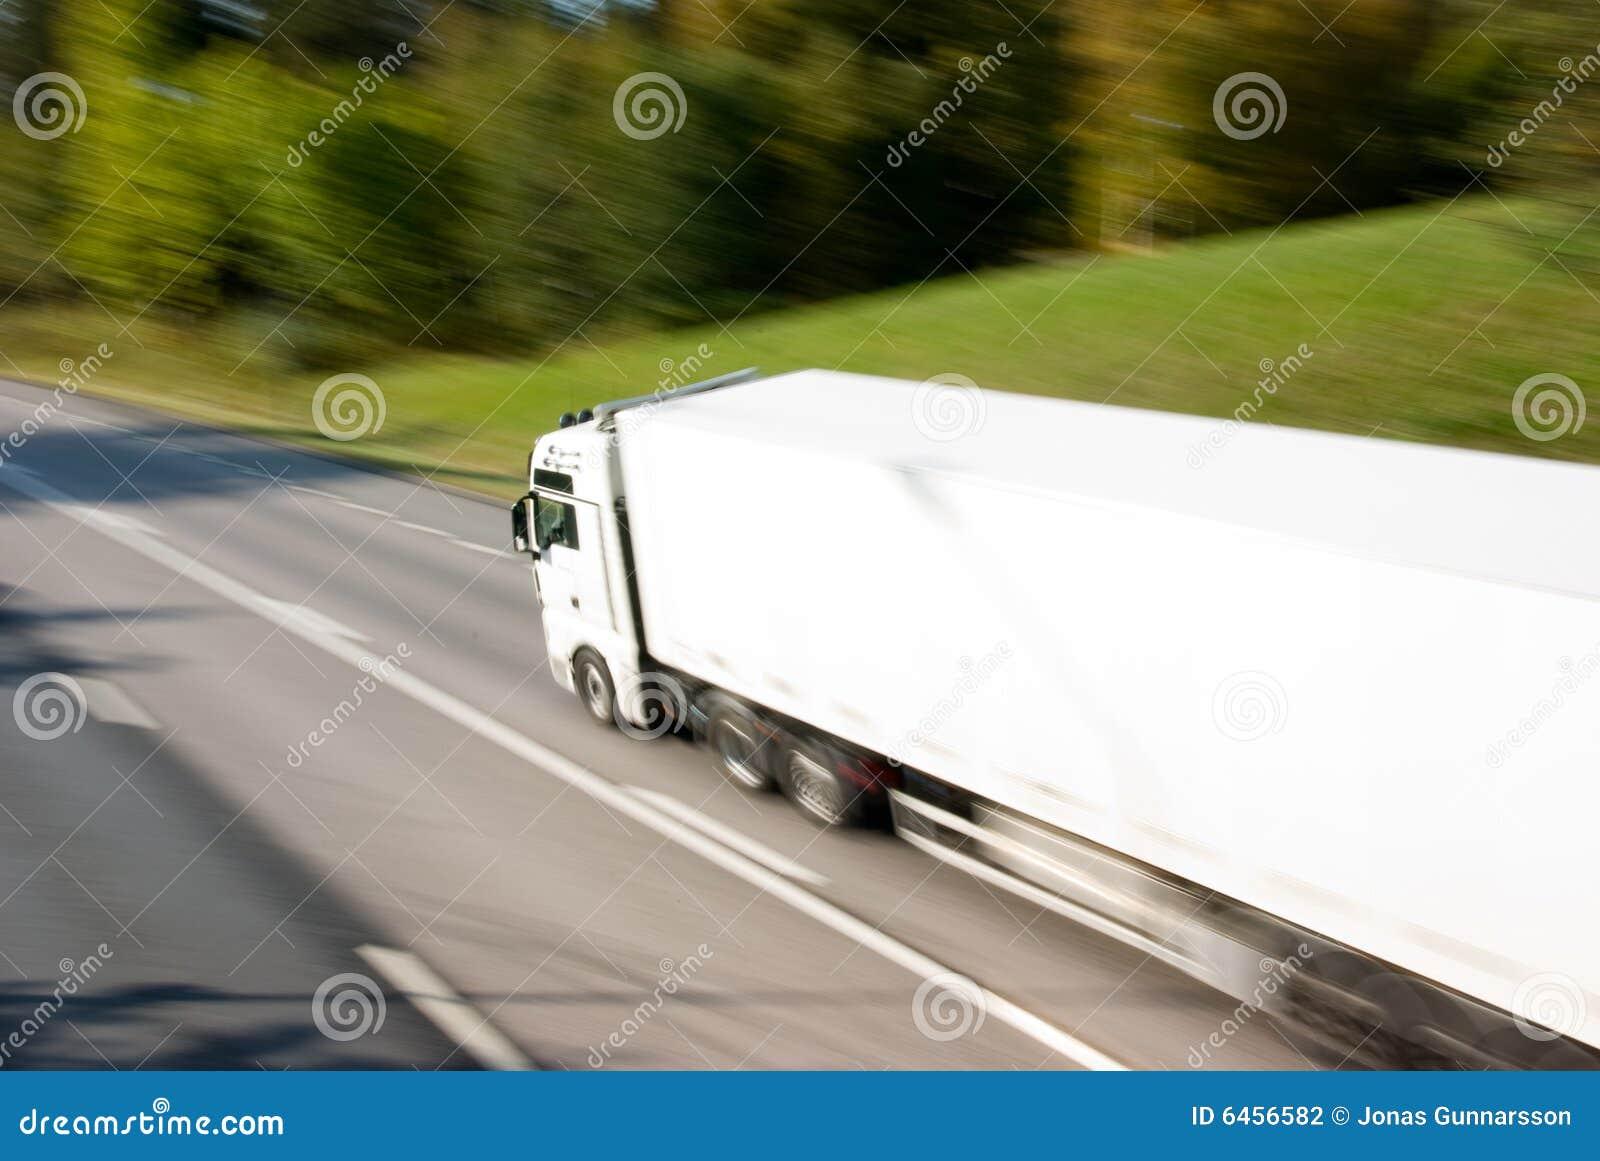 Ciężarówka w ruchu